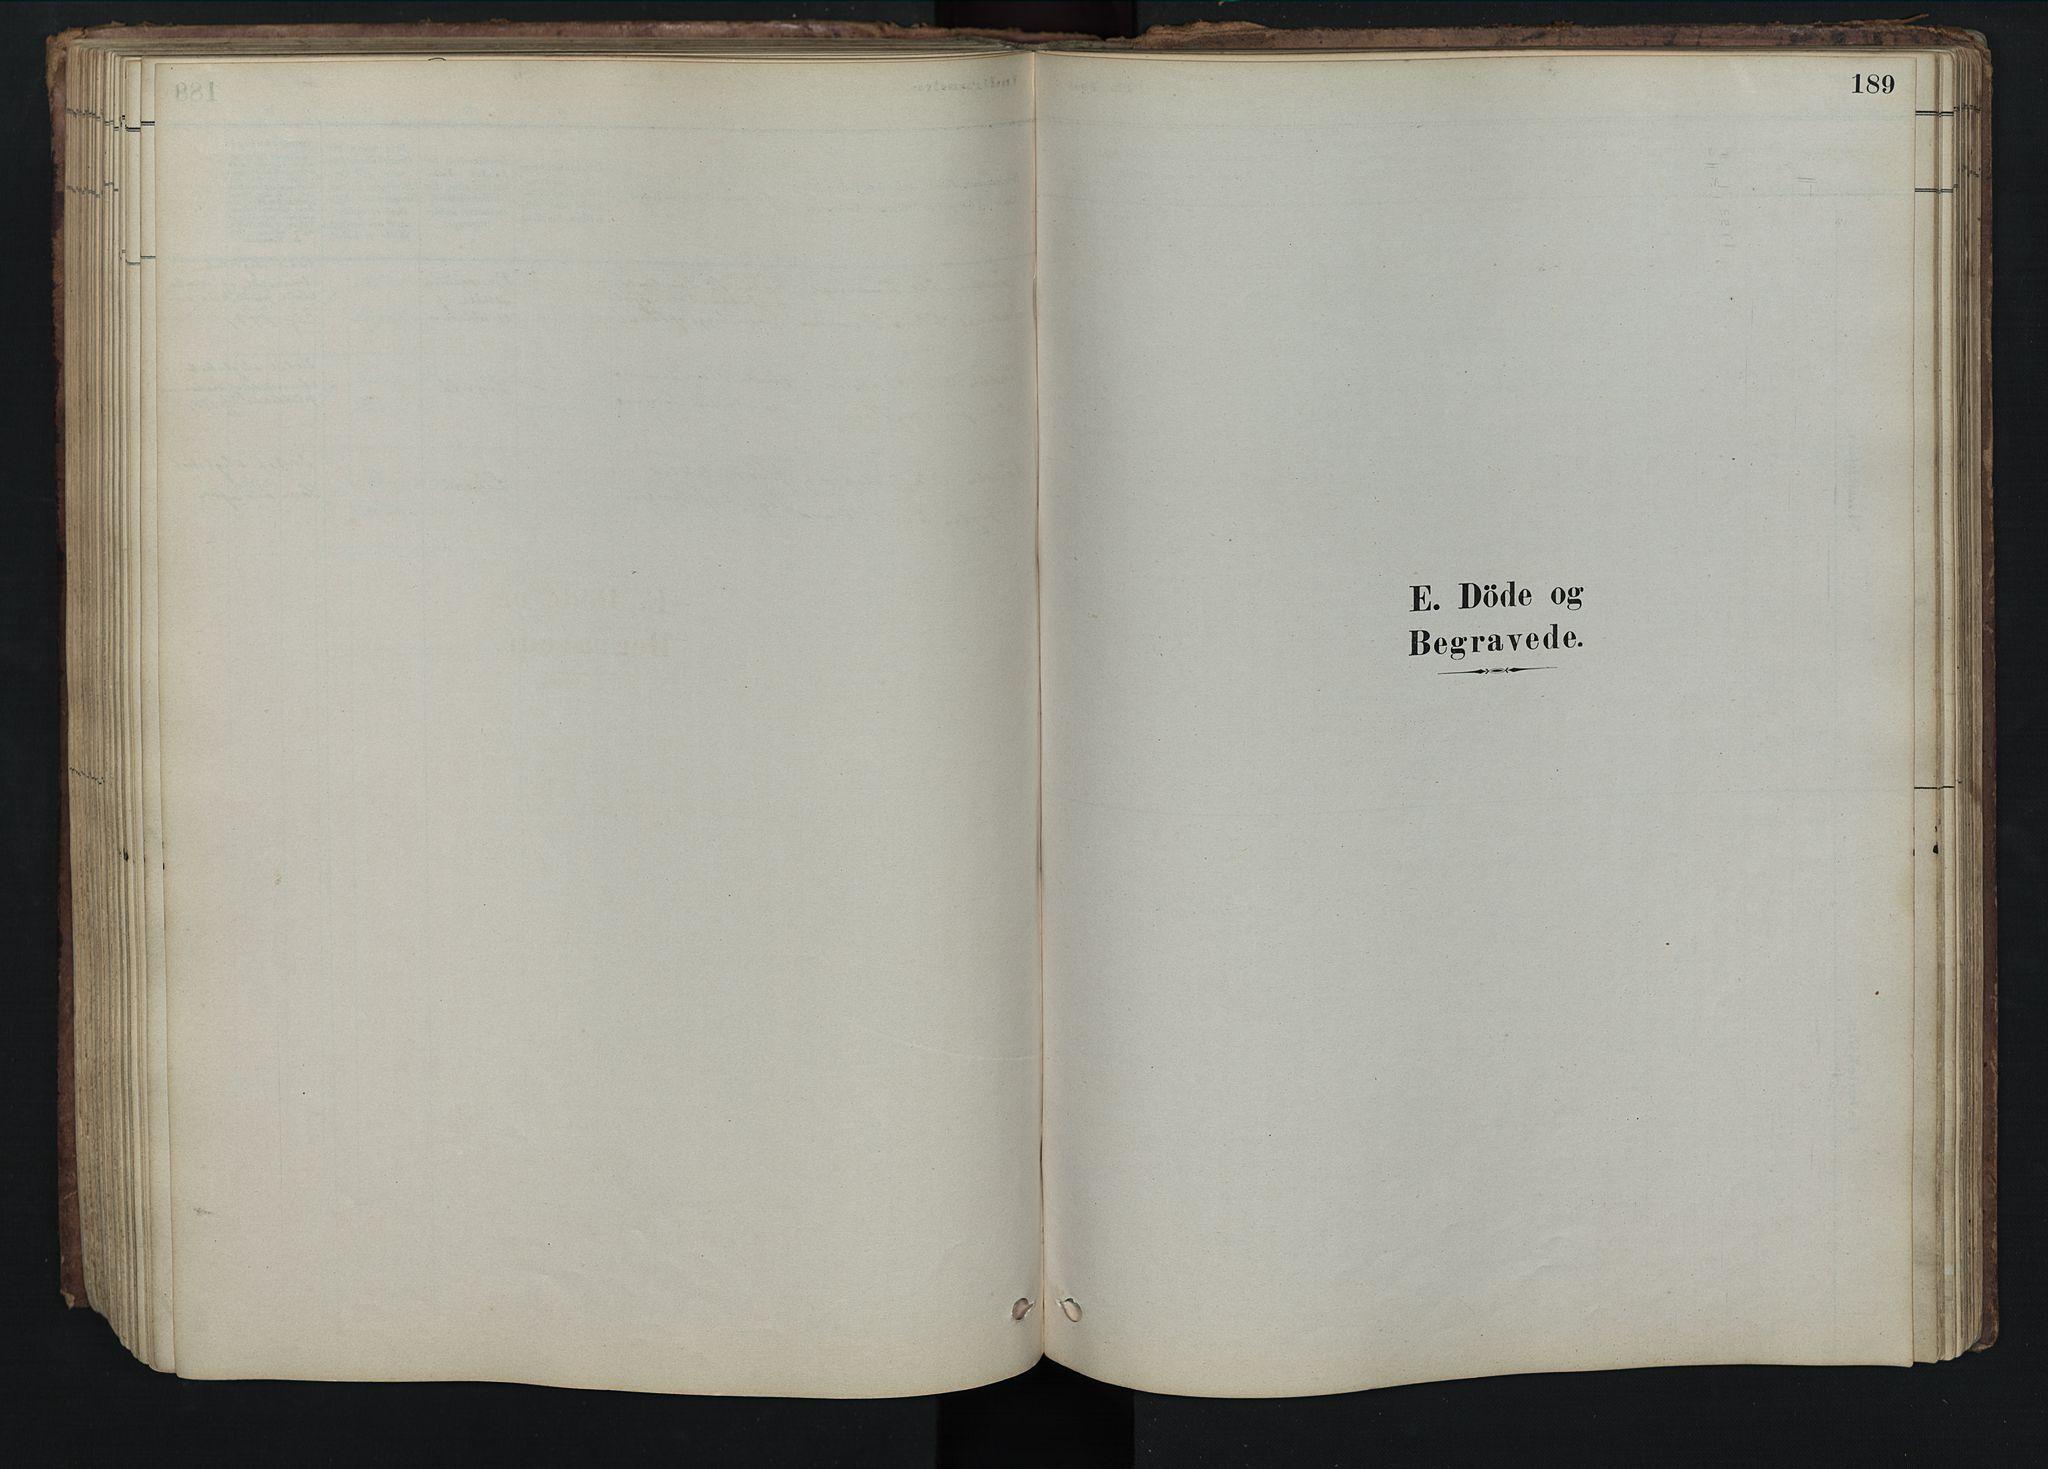 SAH, Rendalen prestekontor, H/Ha/Hab/L0009: Klokkerbok nr. 9, 1879-1902, s. 189